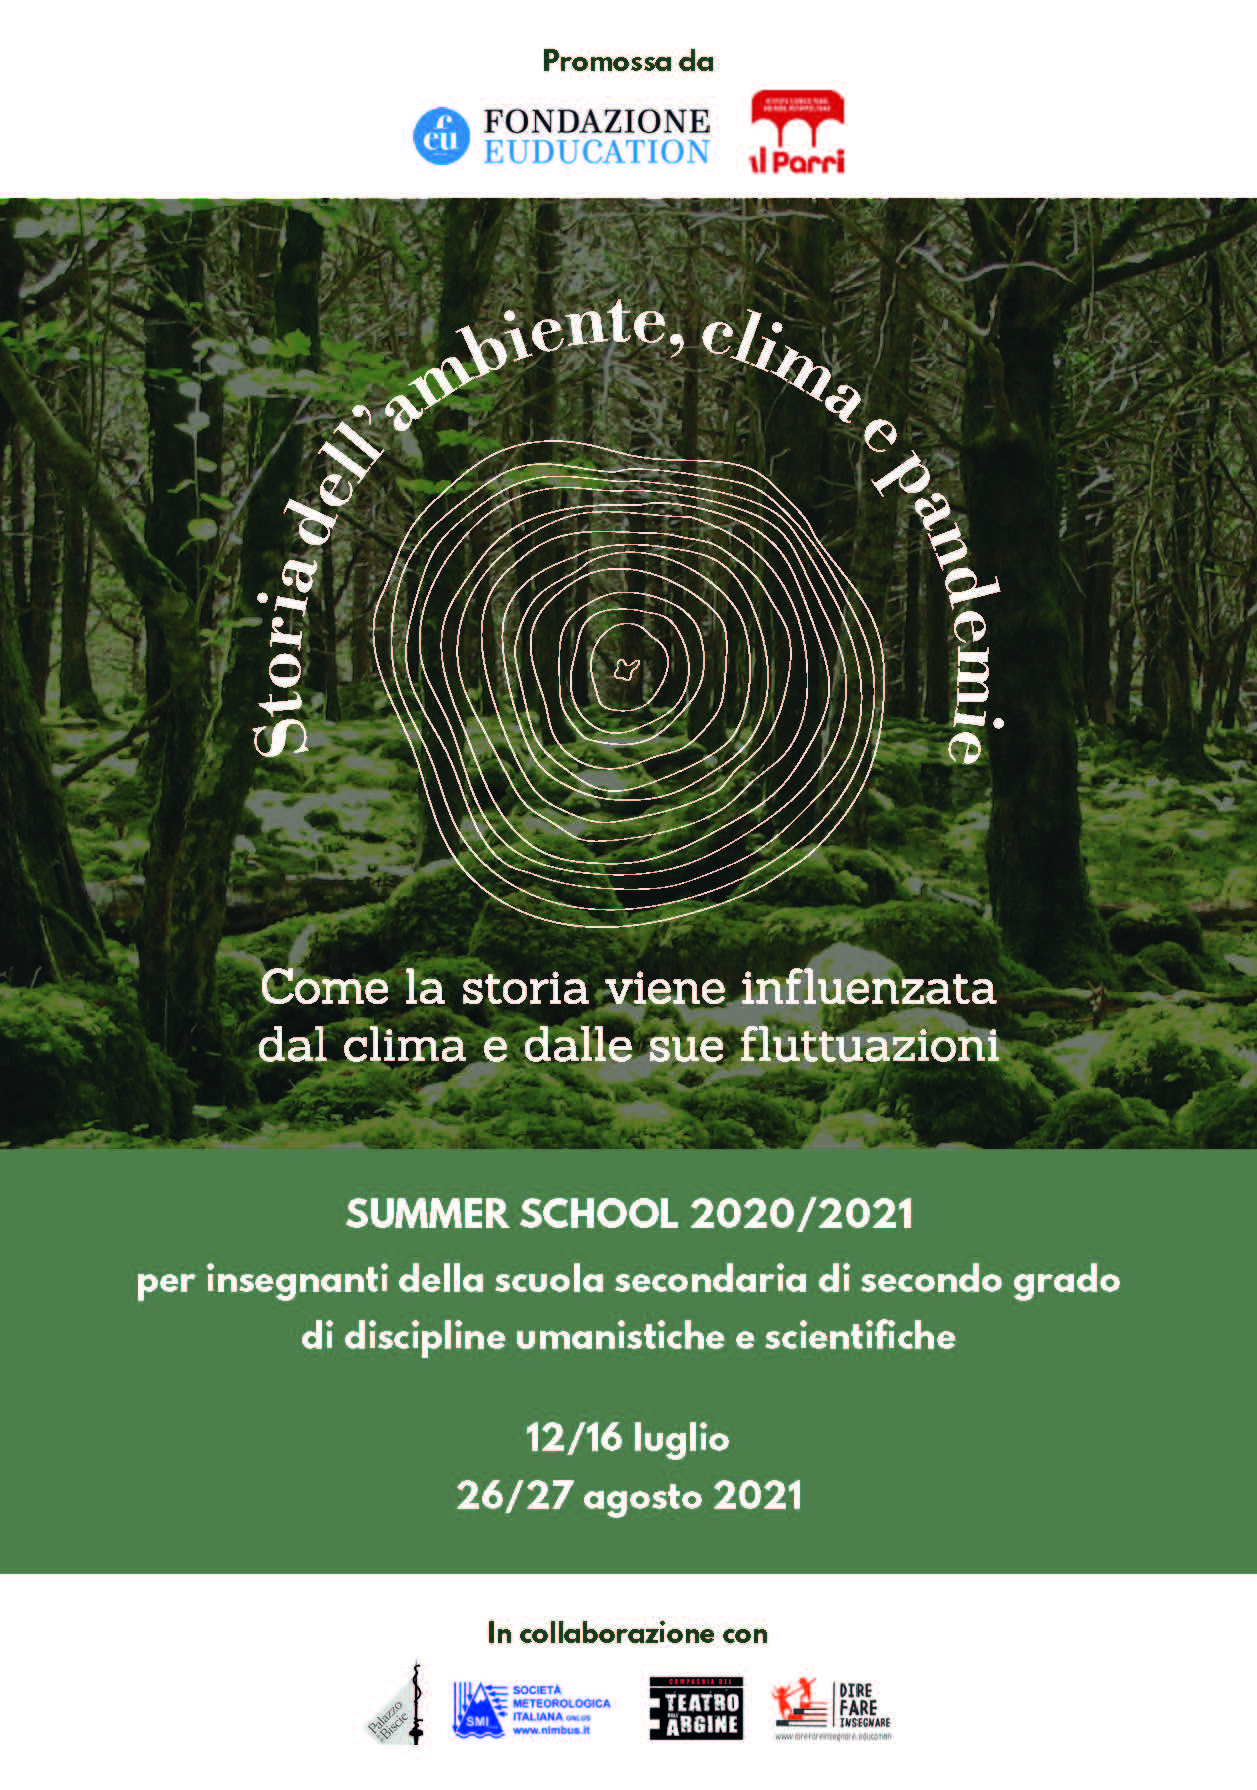 Summer School al Palazzo delle Biscie